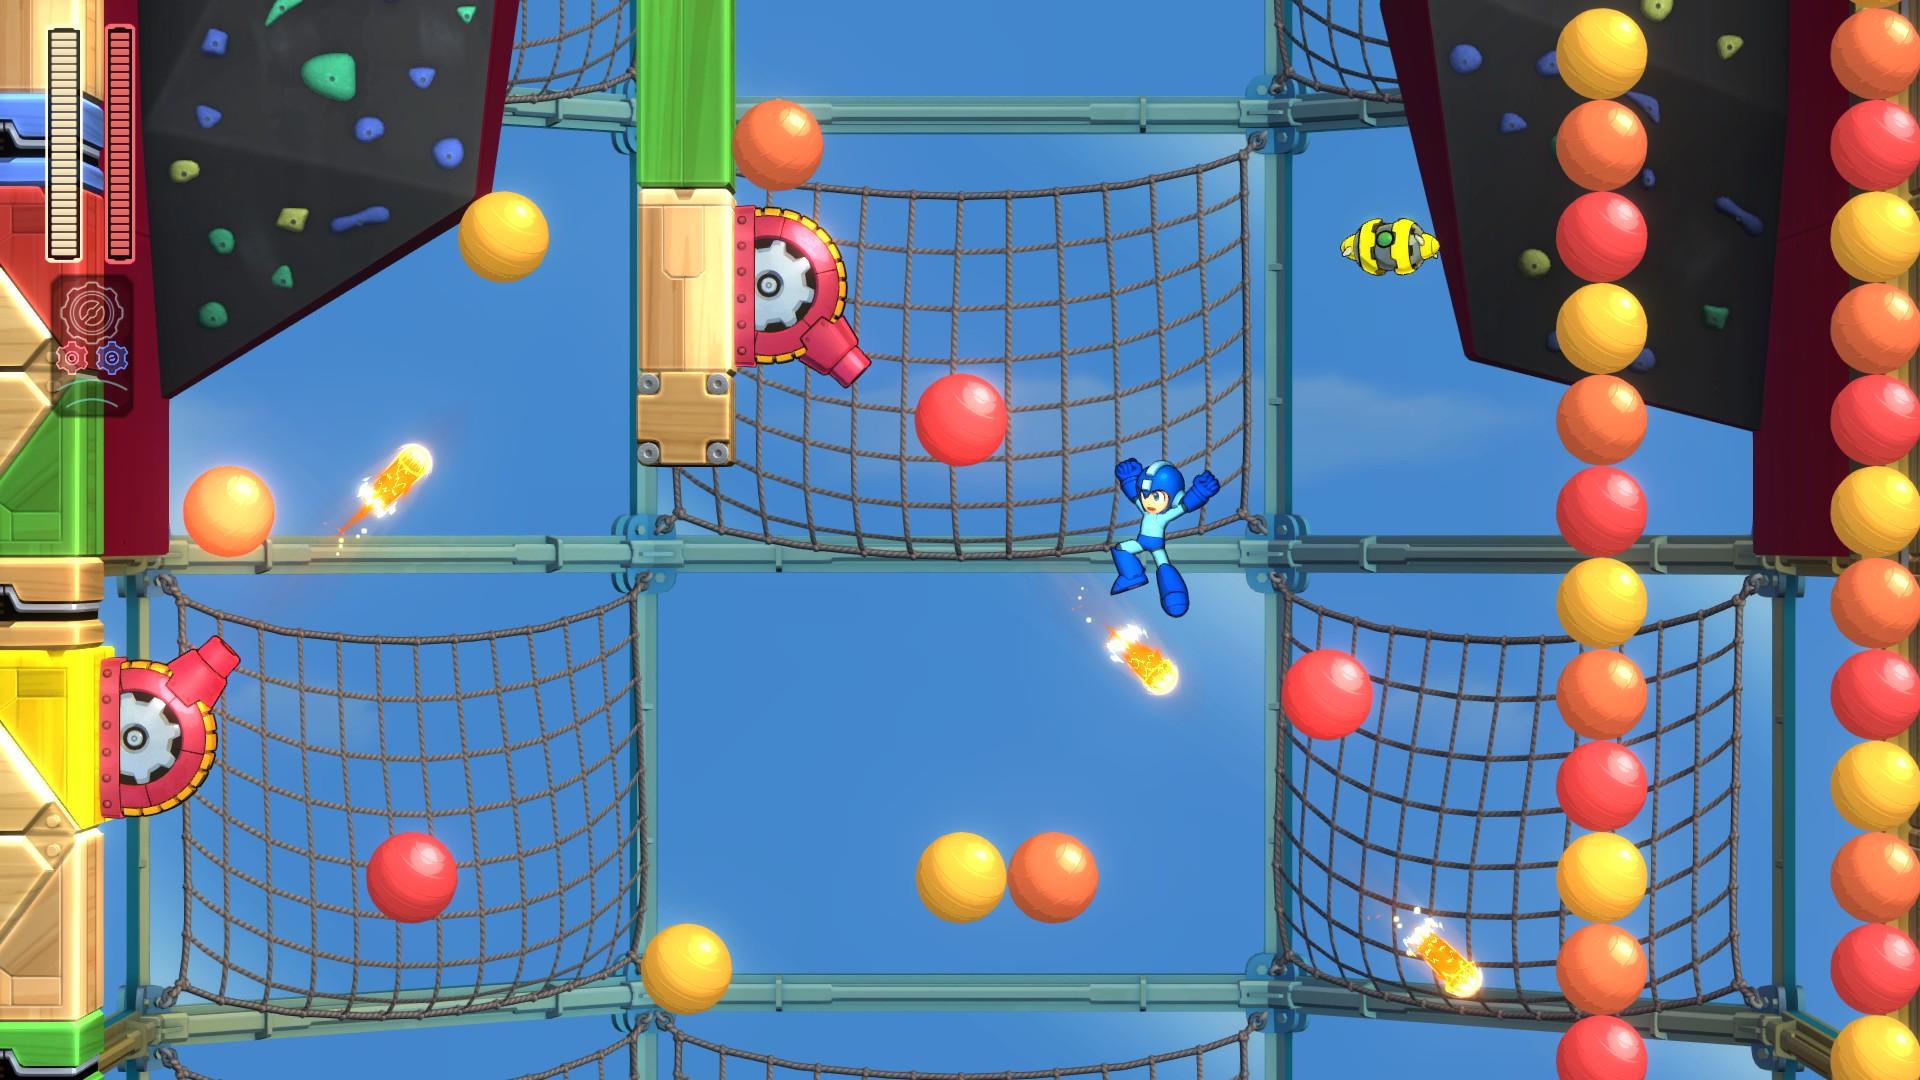 Algumas fases, como a do Bounce Man, são visualmente muito feias